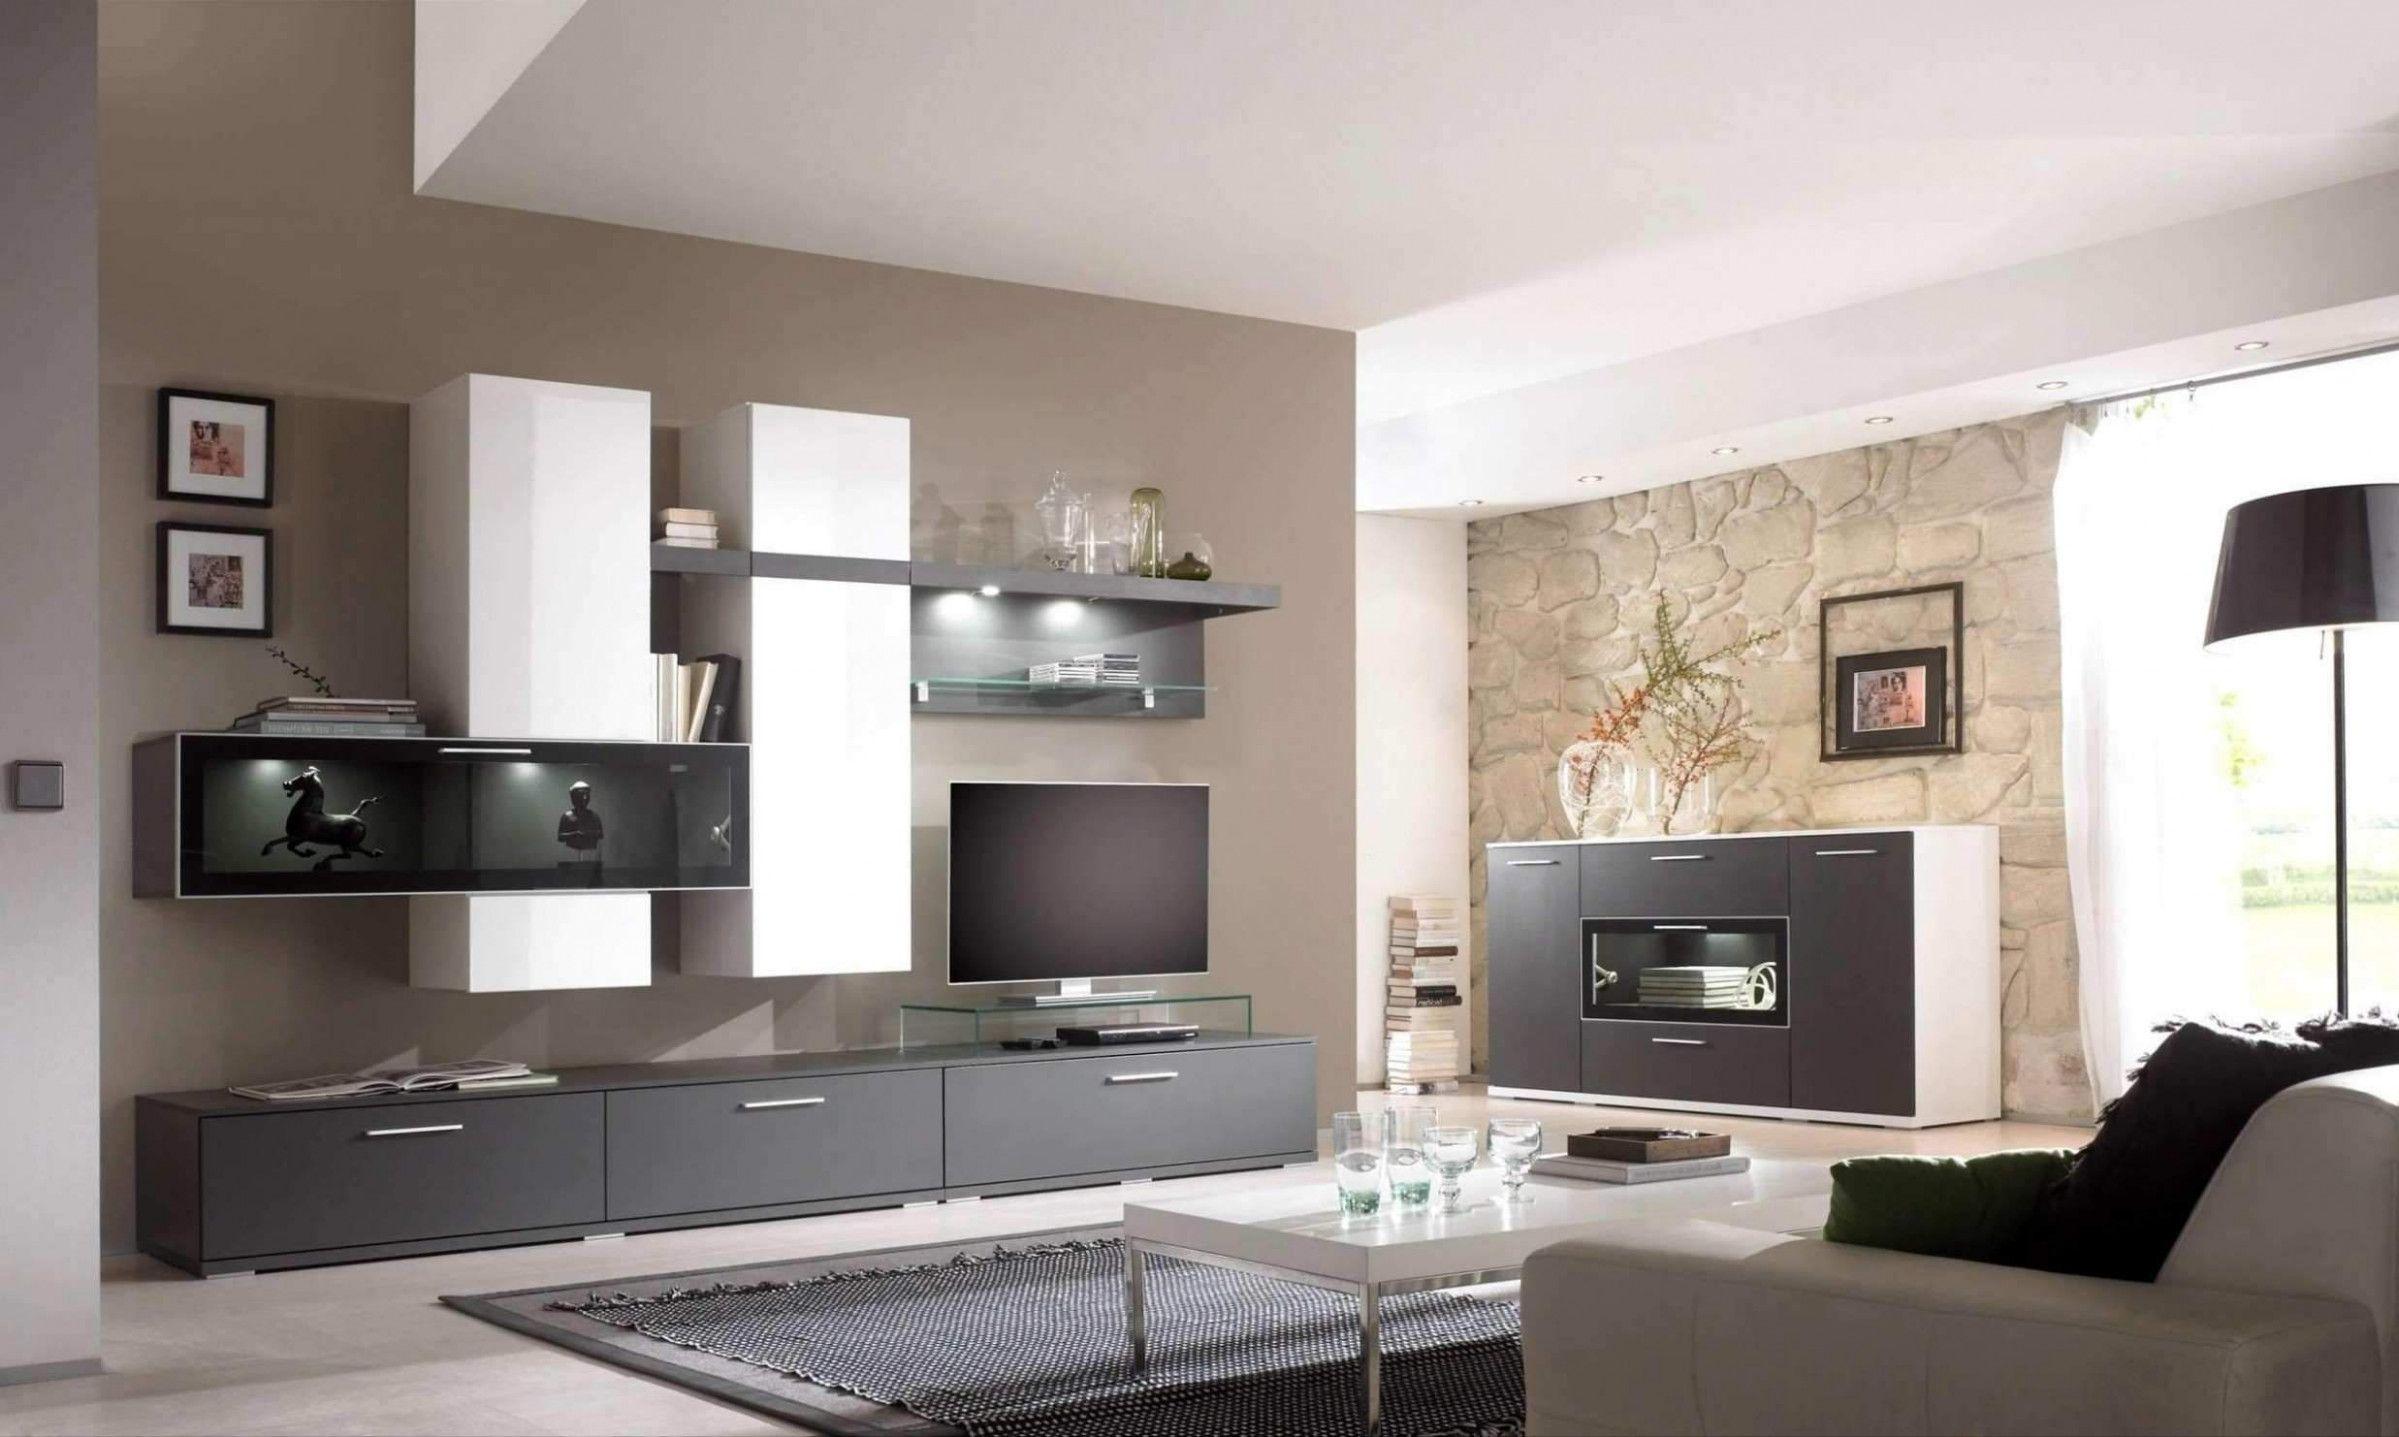 luxus wohnzimmer inspirierend 11 luxus von wohnzimmer modern